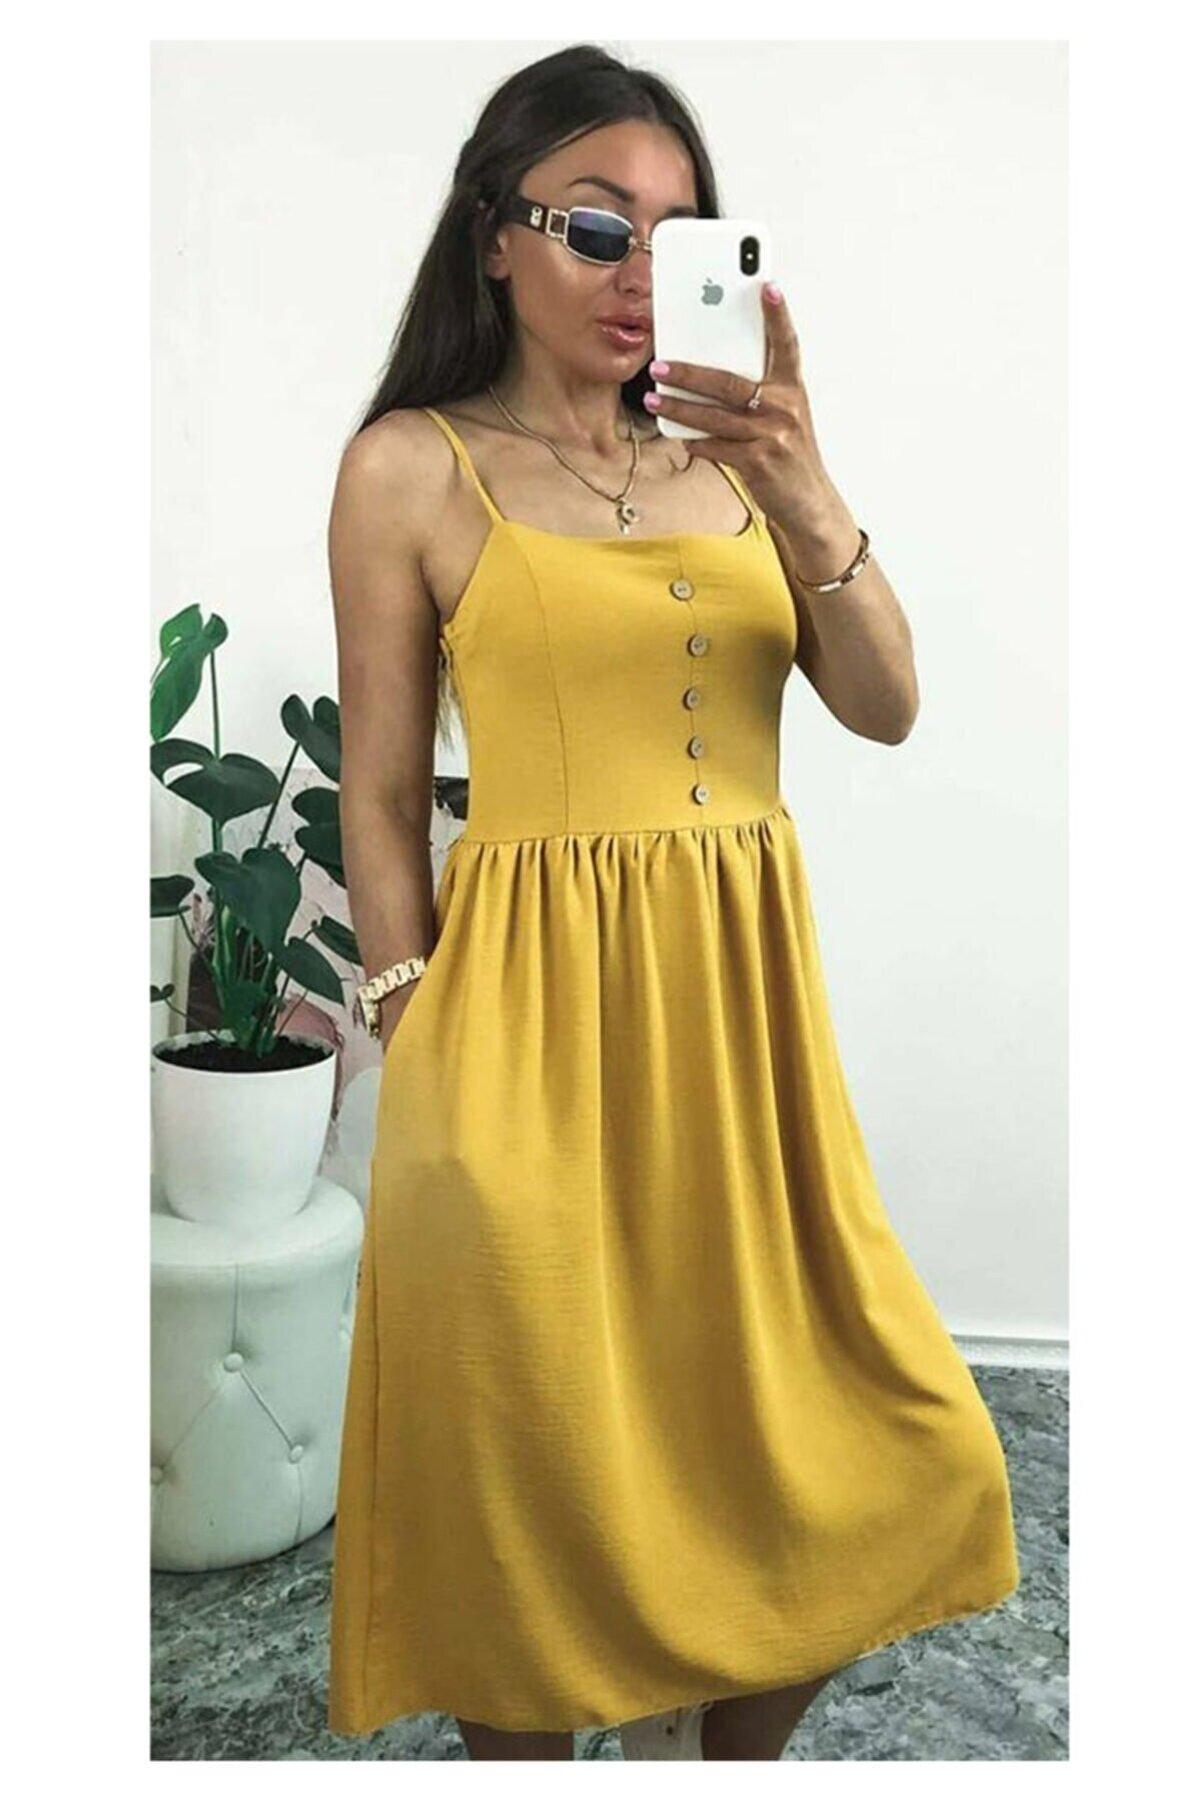 ELBİSENN Yeni Model Kadın Ip Askılı Düğme Detay Midi Boy Elbise (hardal)